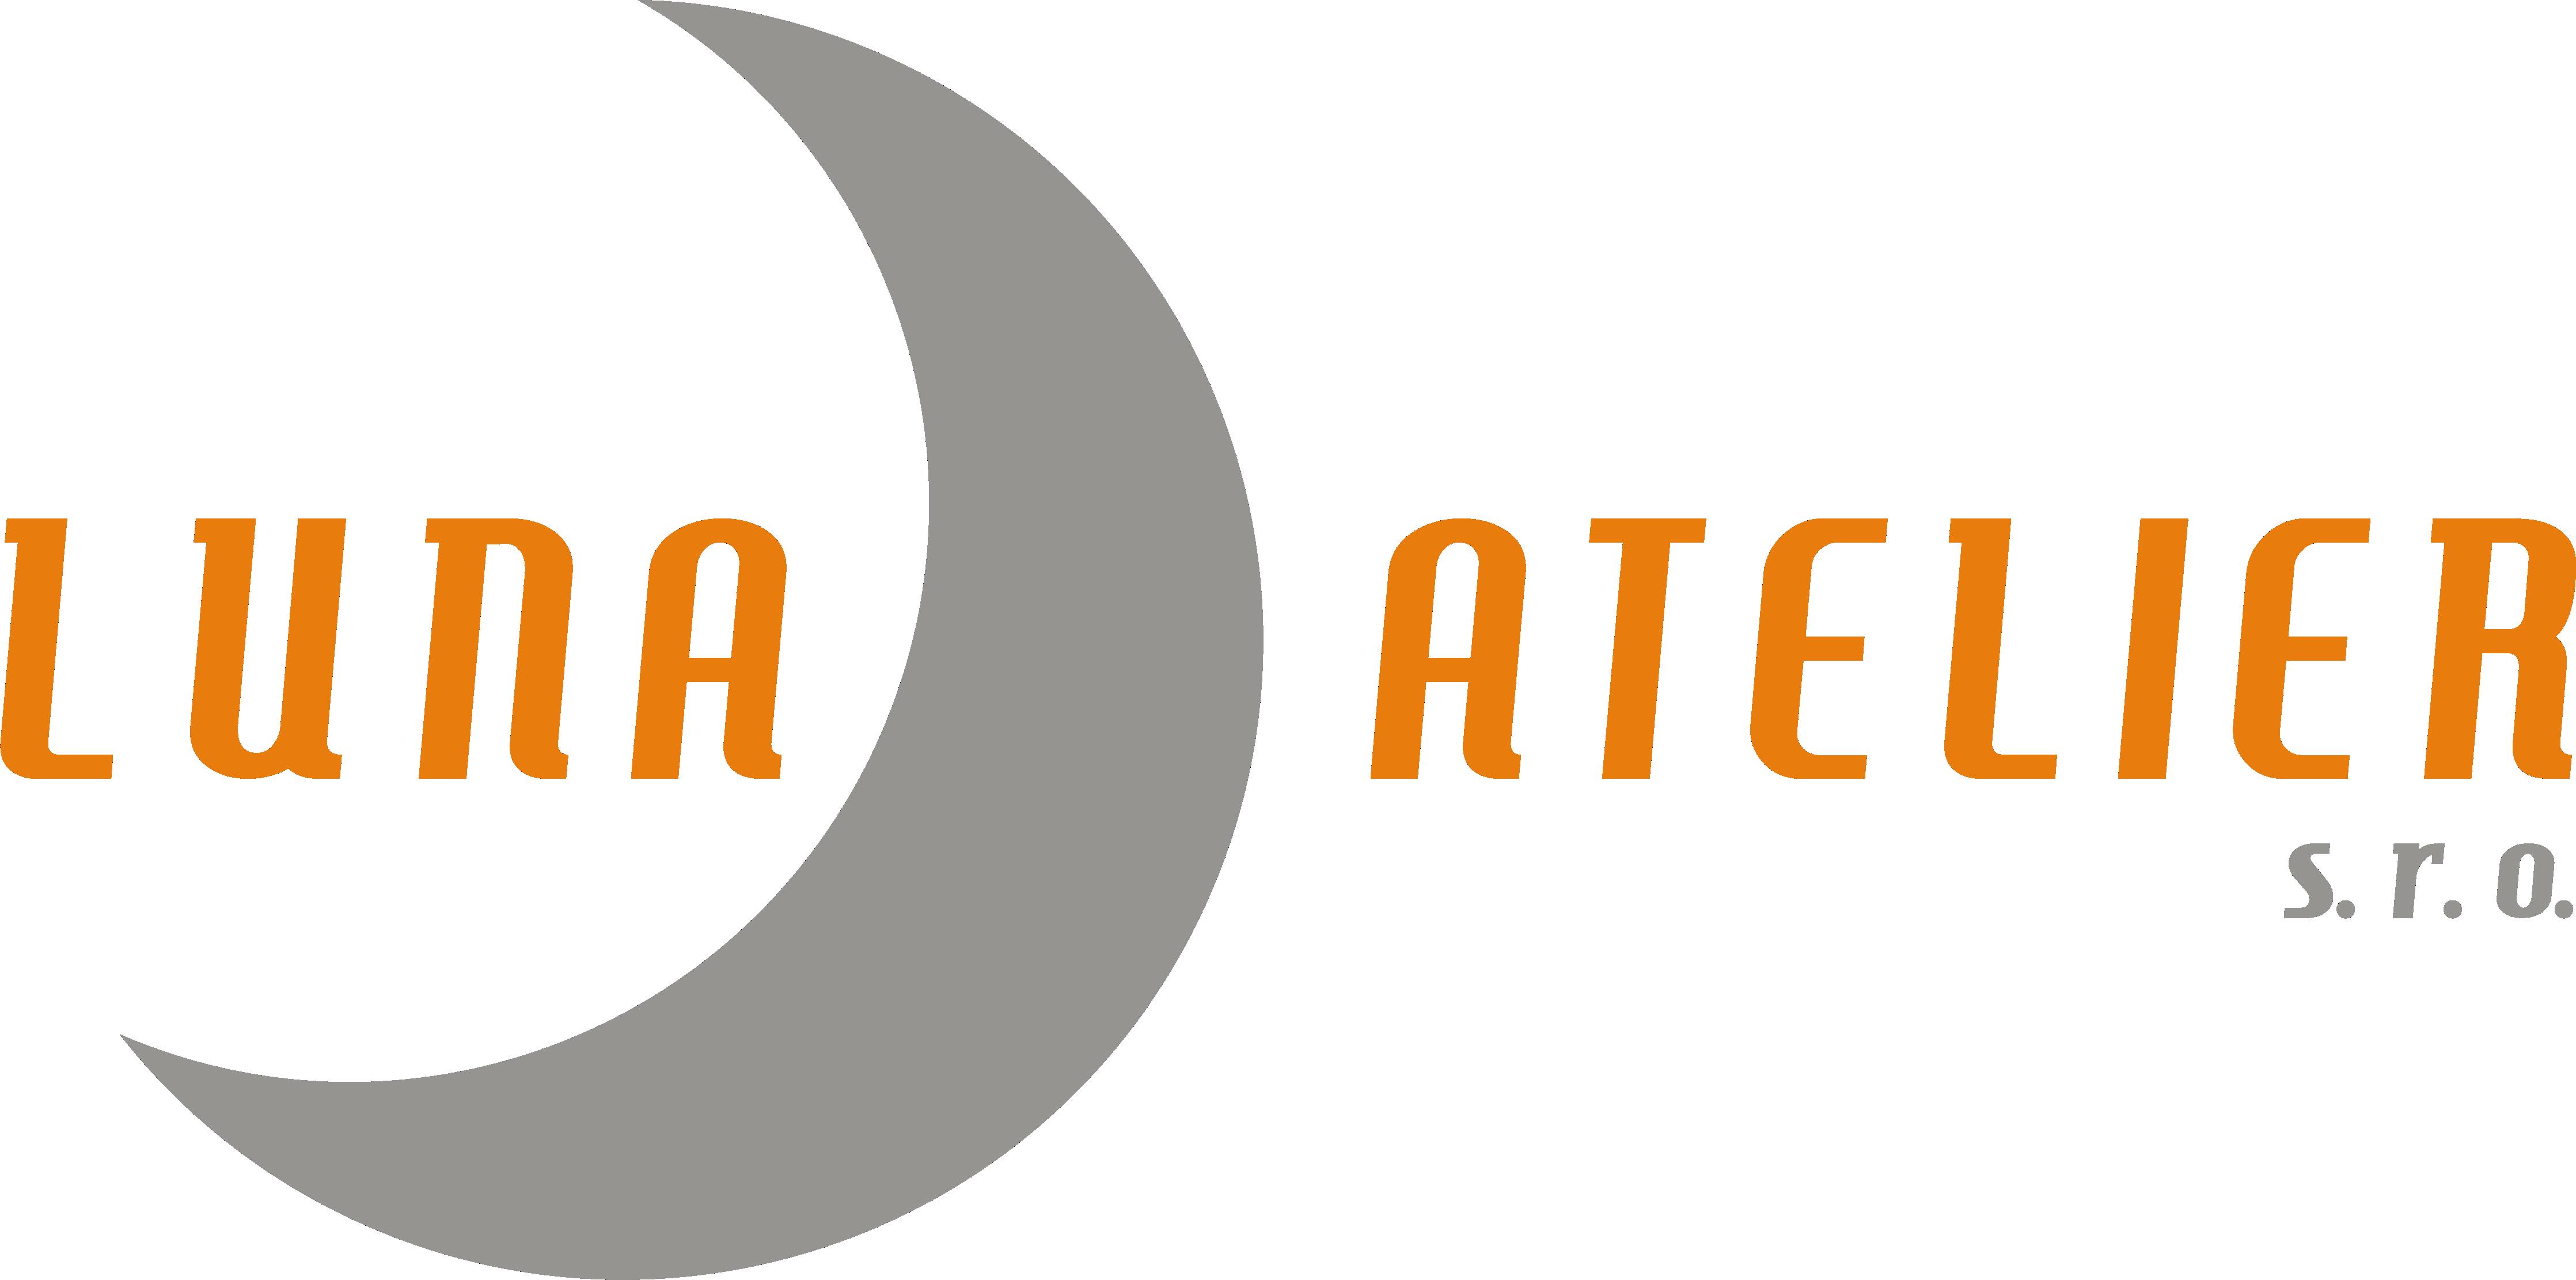 logo firmy Luna Ateliér s.r.o.